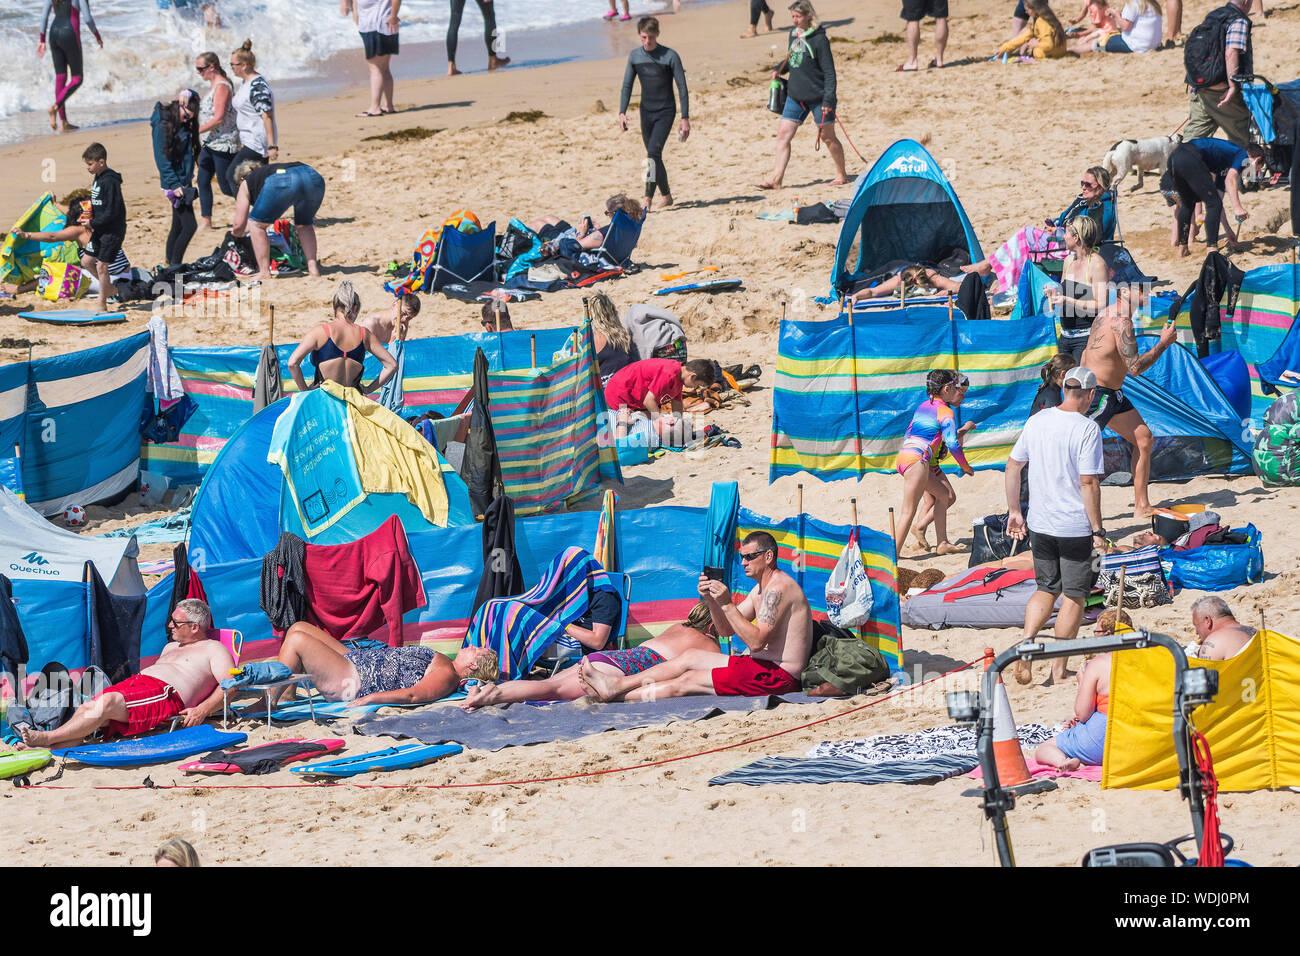 Urlauber genießen selbst auf den Fistral Beach in Newquay in Cornwall im Sommer. Stockfoto